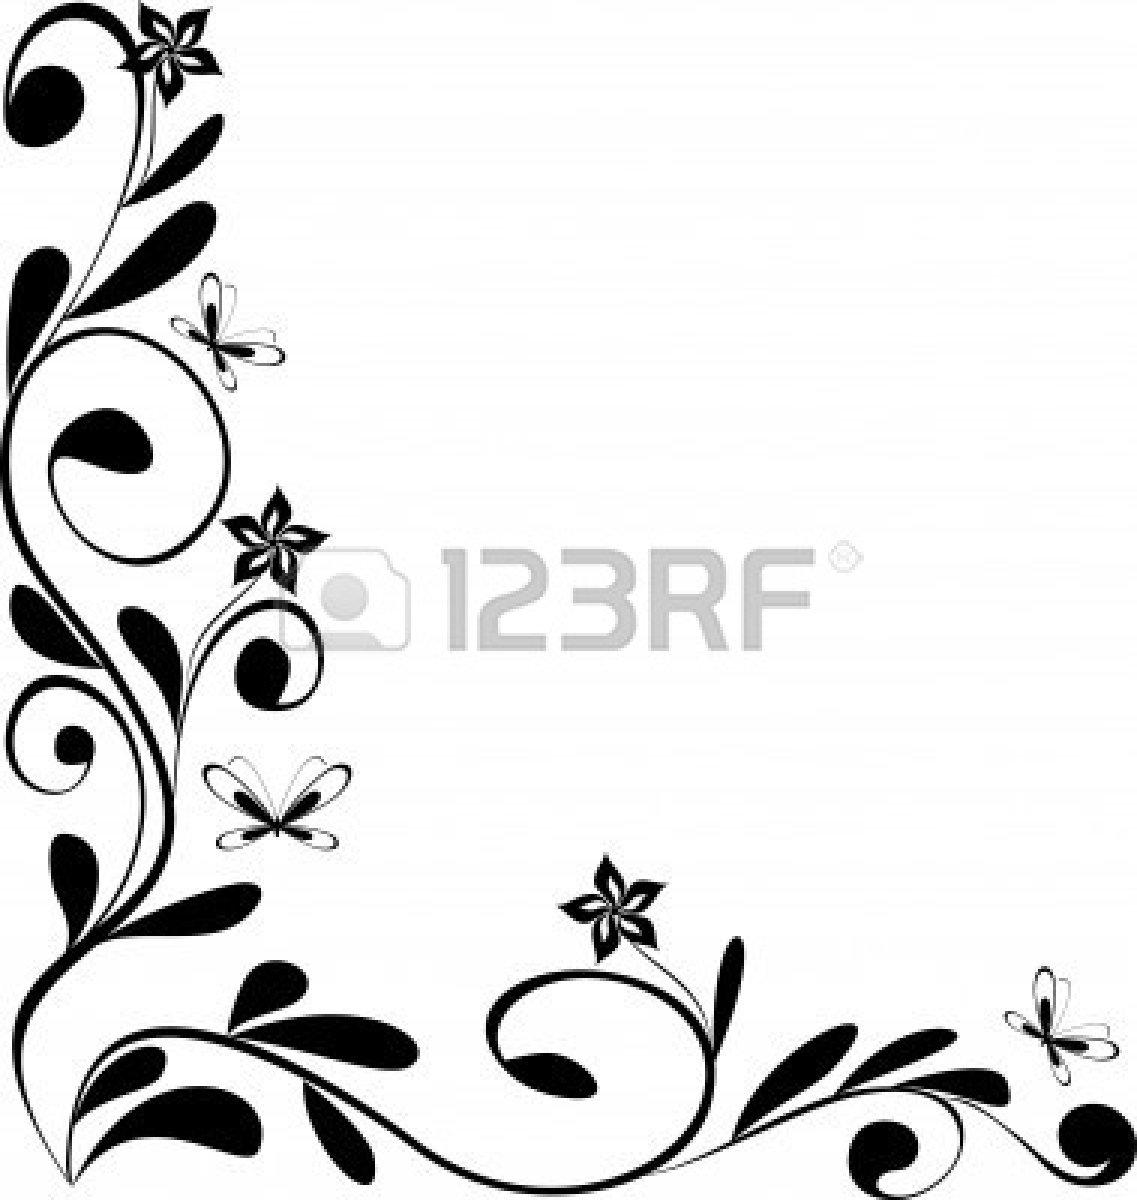 corner%20swirls%20design